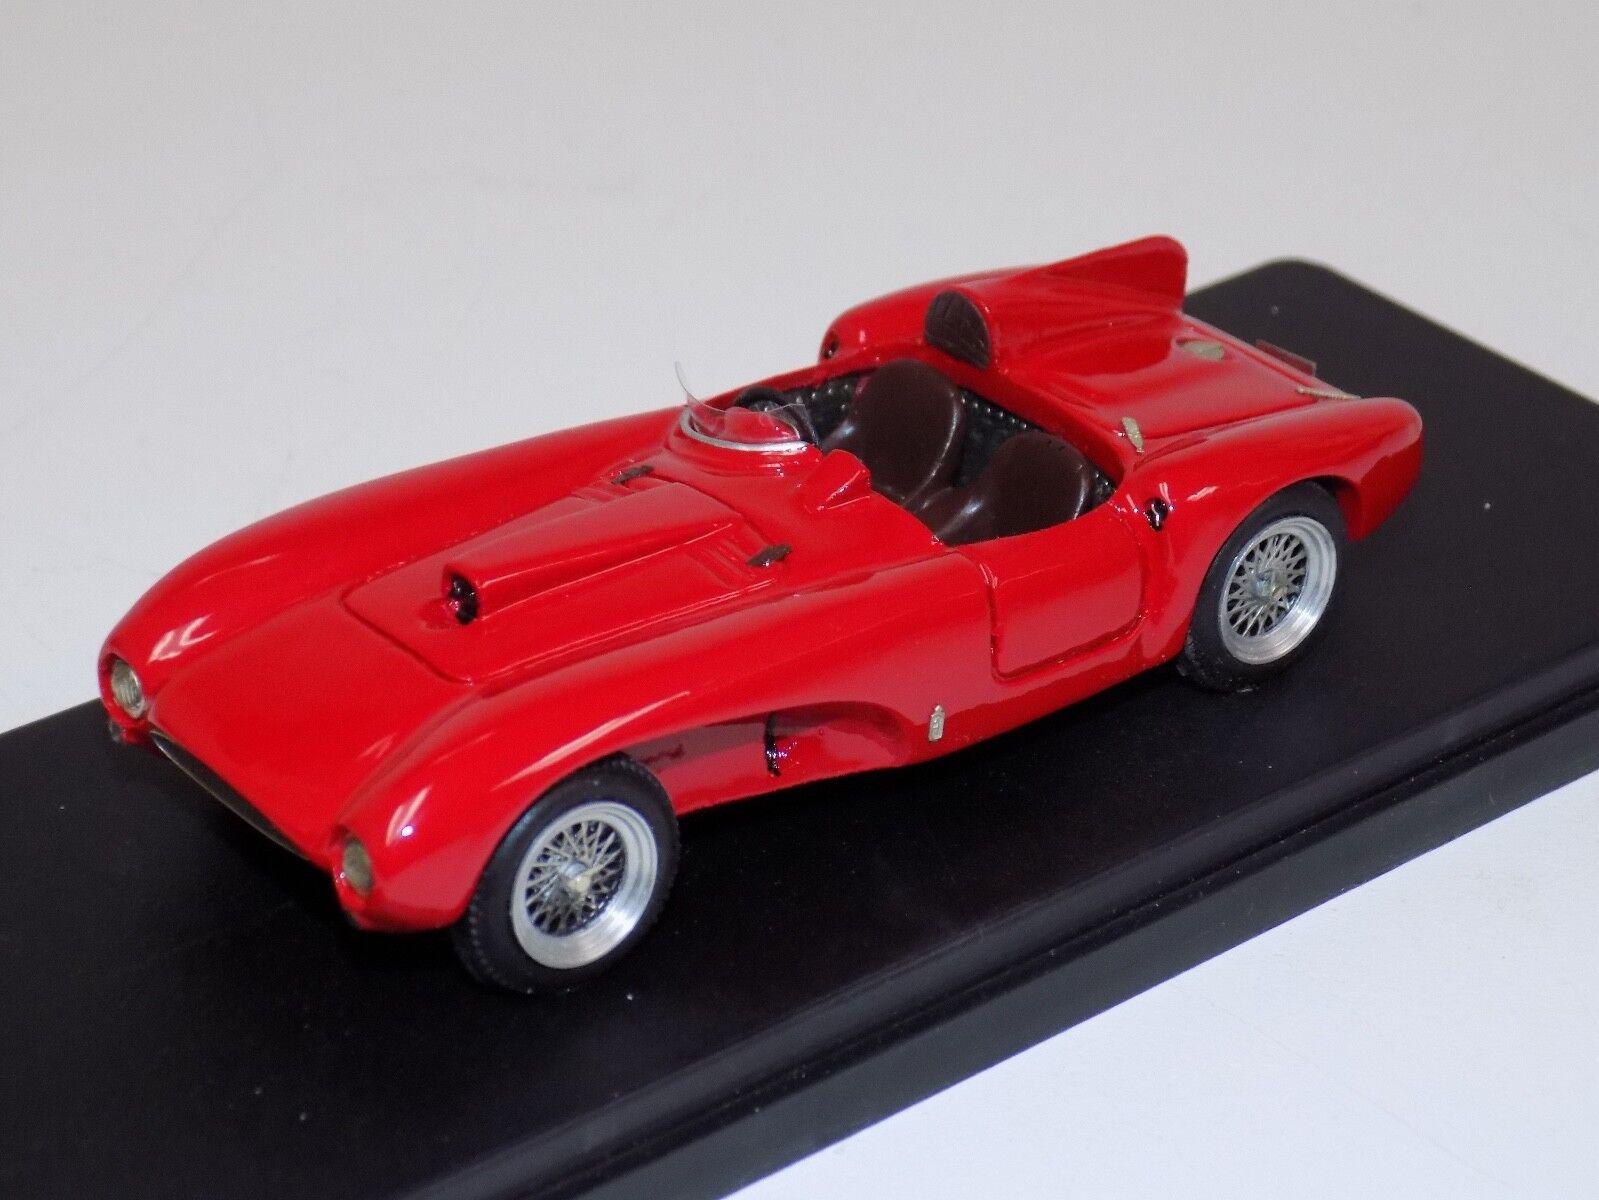 migliori prezzi e stili più freschi 1 43 Jolly modello Ferrari 375 MM Stradale Stradale Stradale Rossa from 1953 in rosso   JL 425  gli ultimi modelli